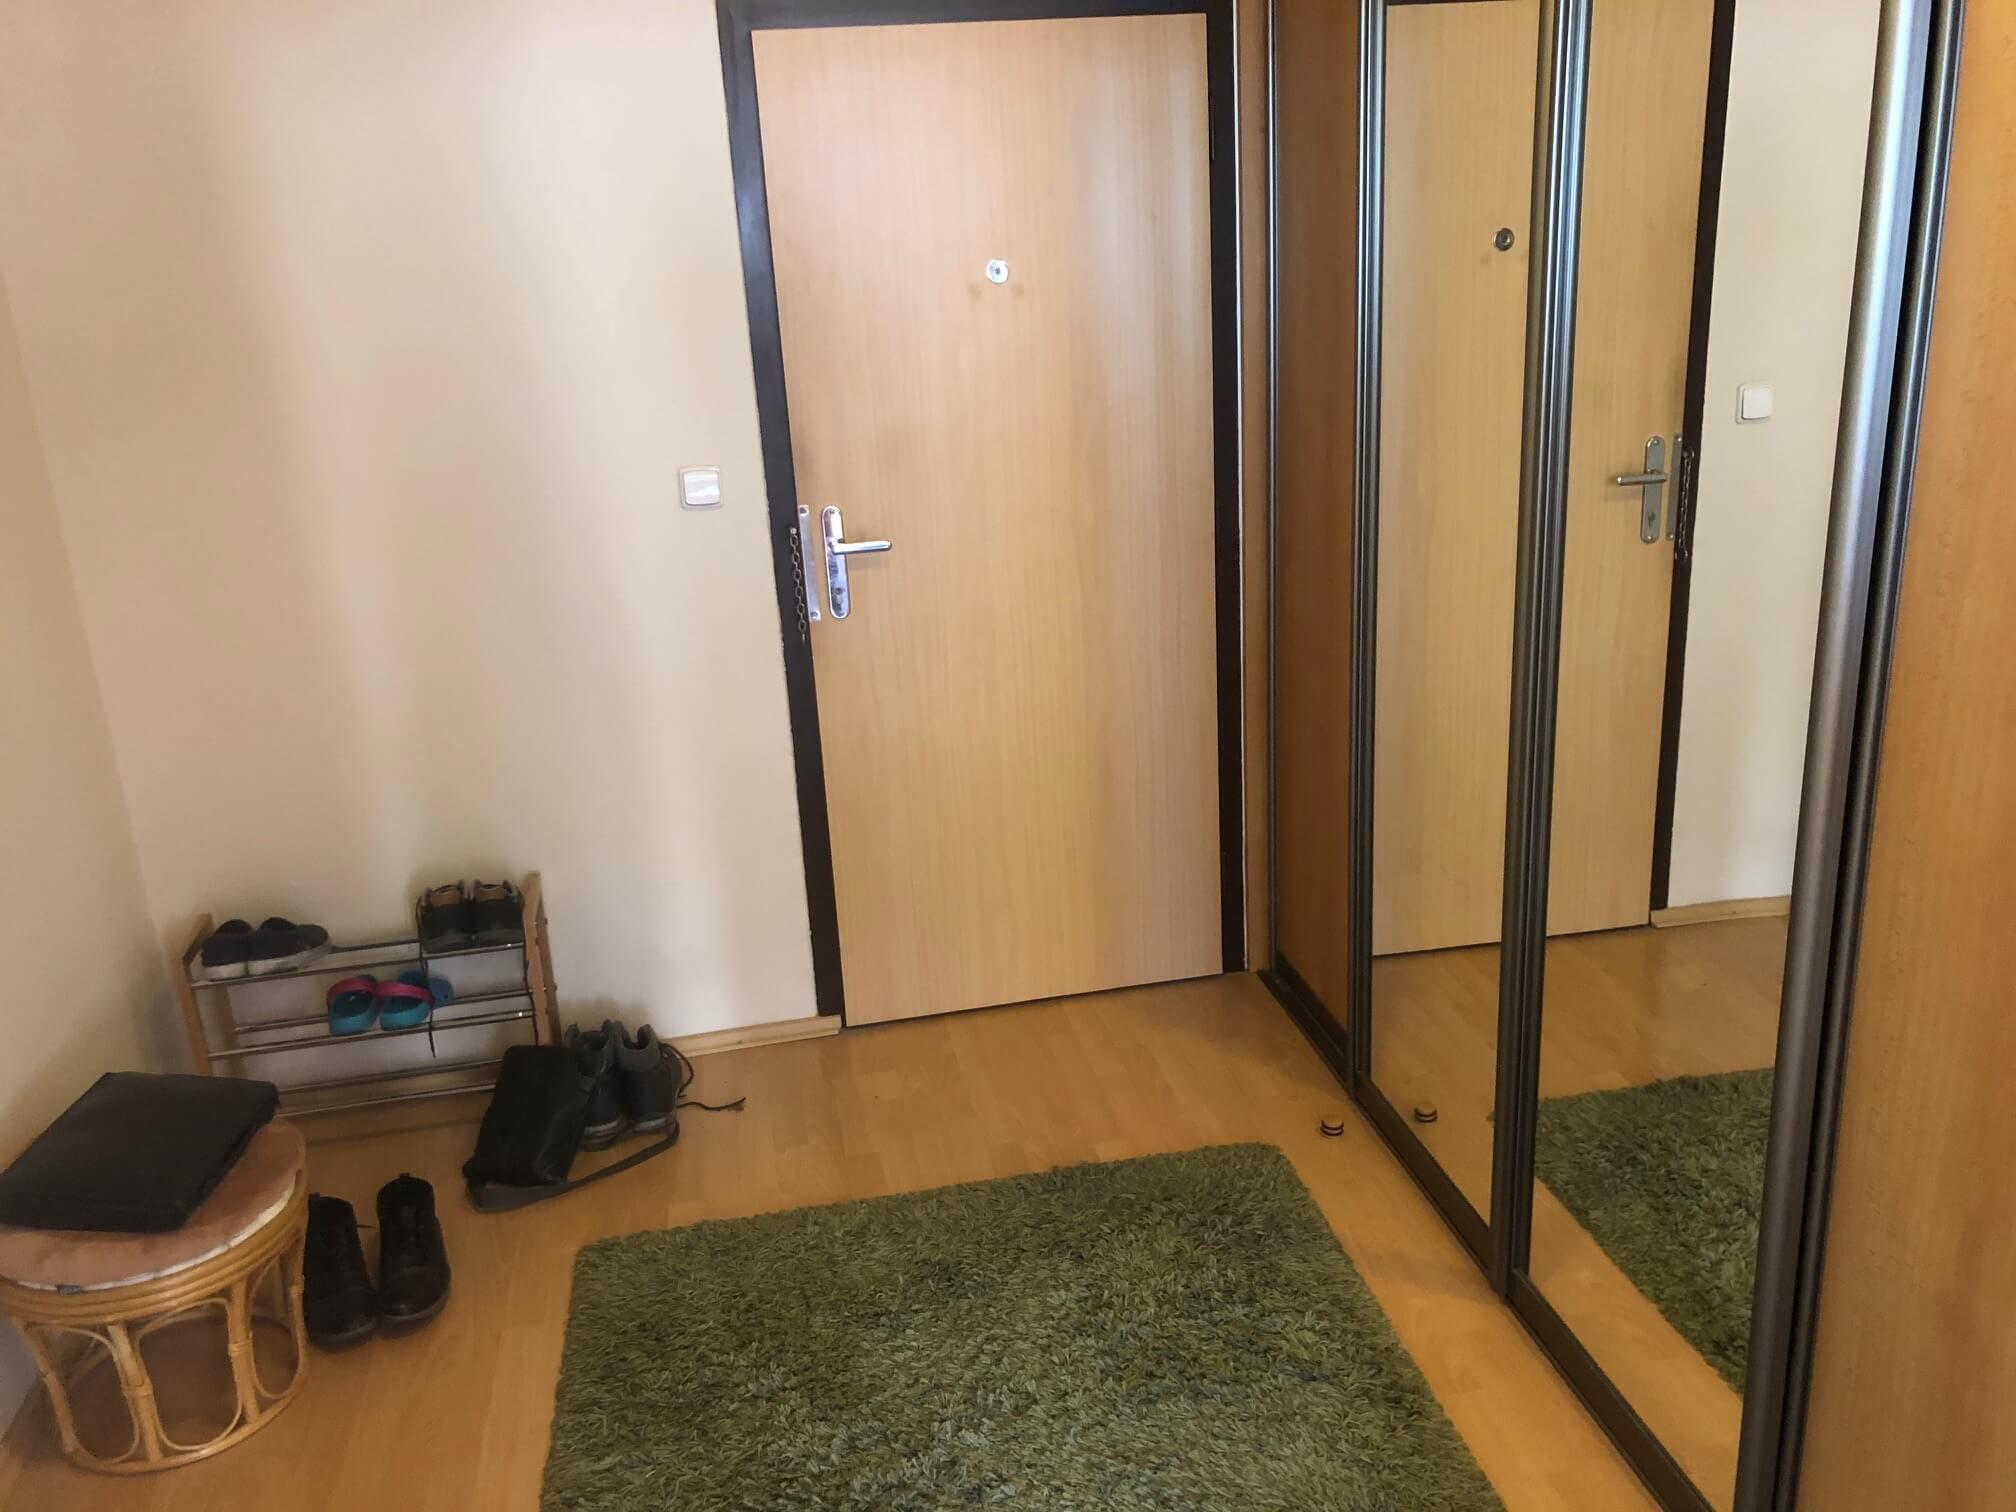 Predané: Exkluzívne na predaj 3 izbový byt, Devínska Nová Ves, Jána Poničana 3, 65m2, balkon 4m2,klimatizácia-42